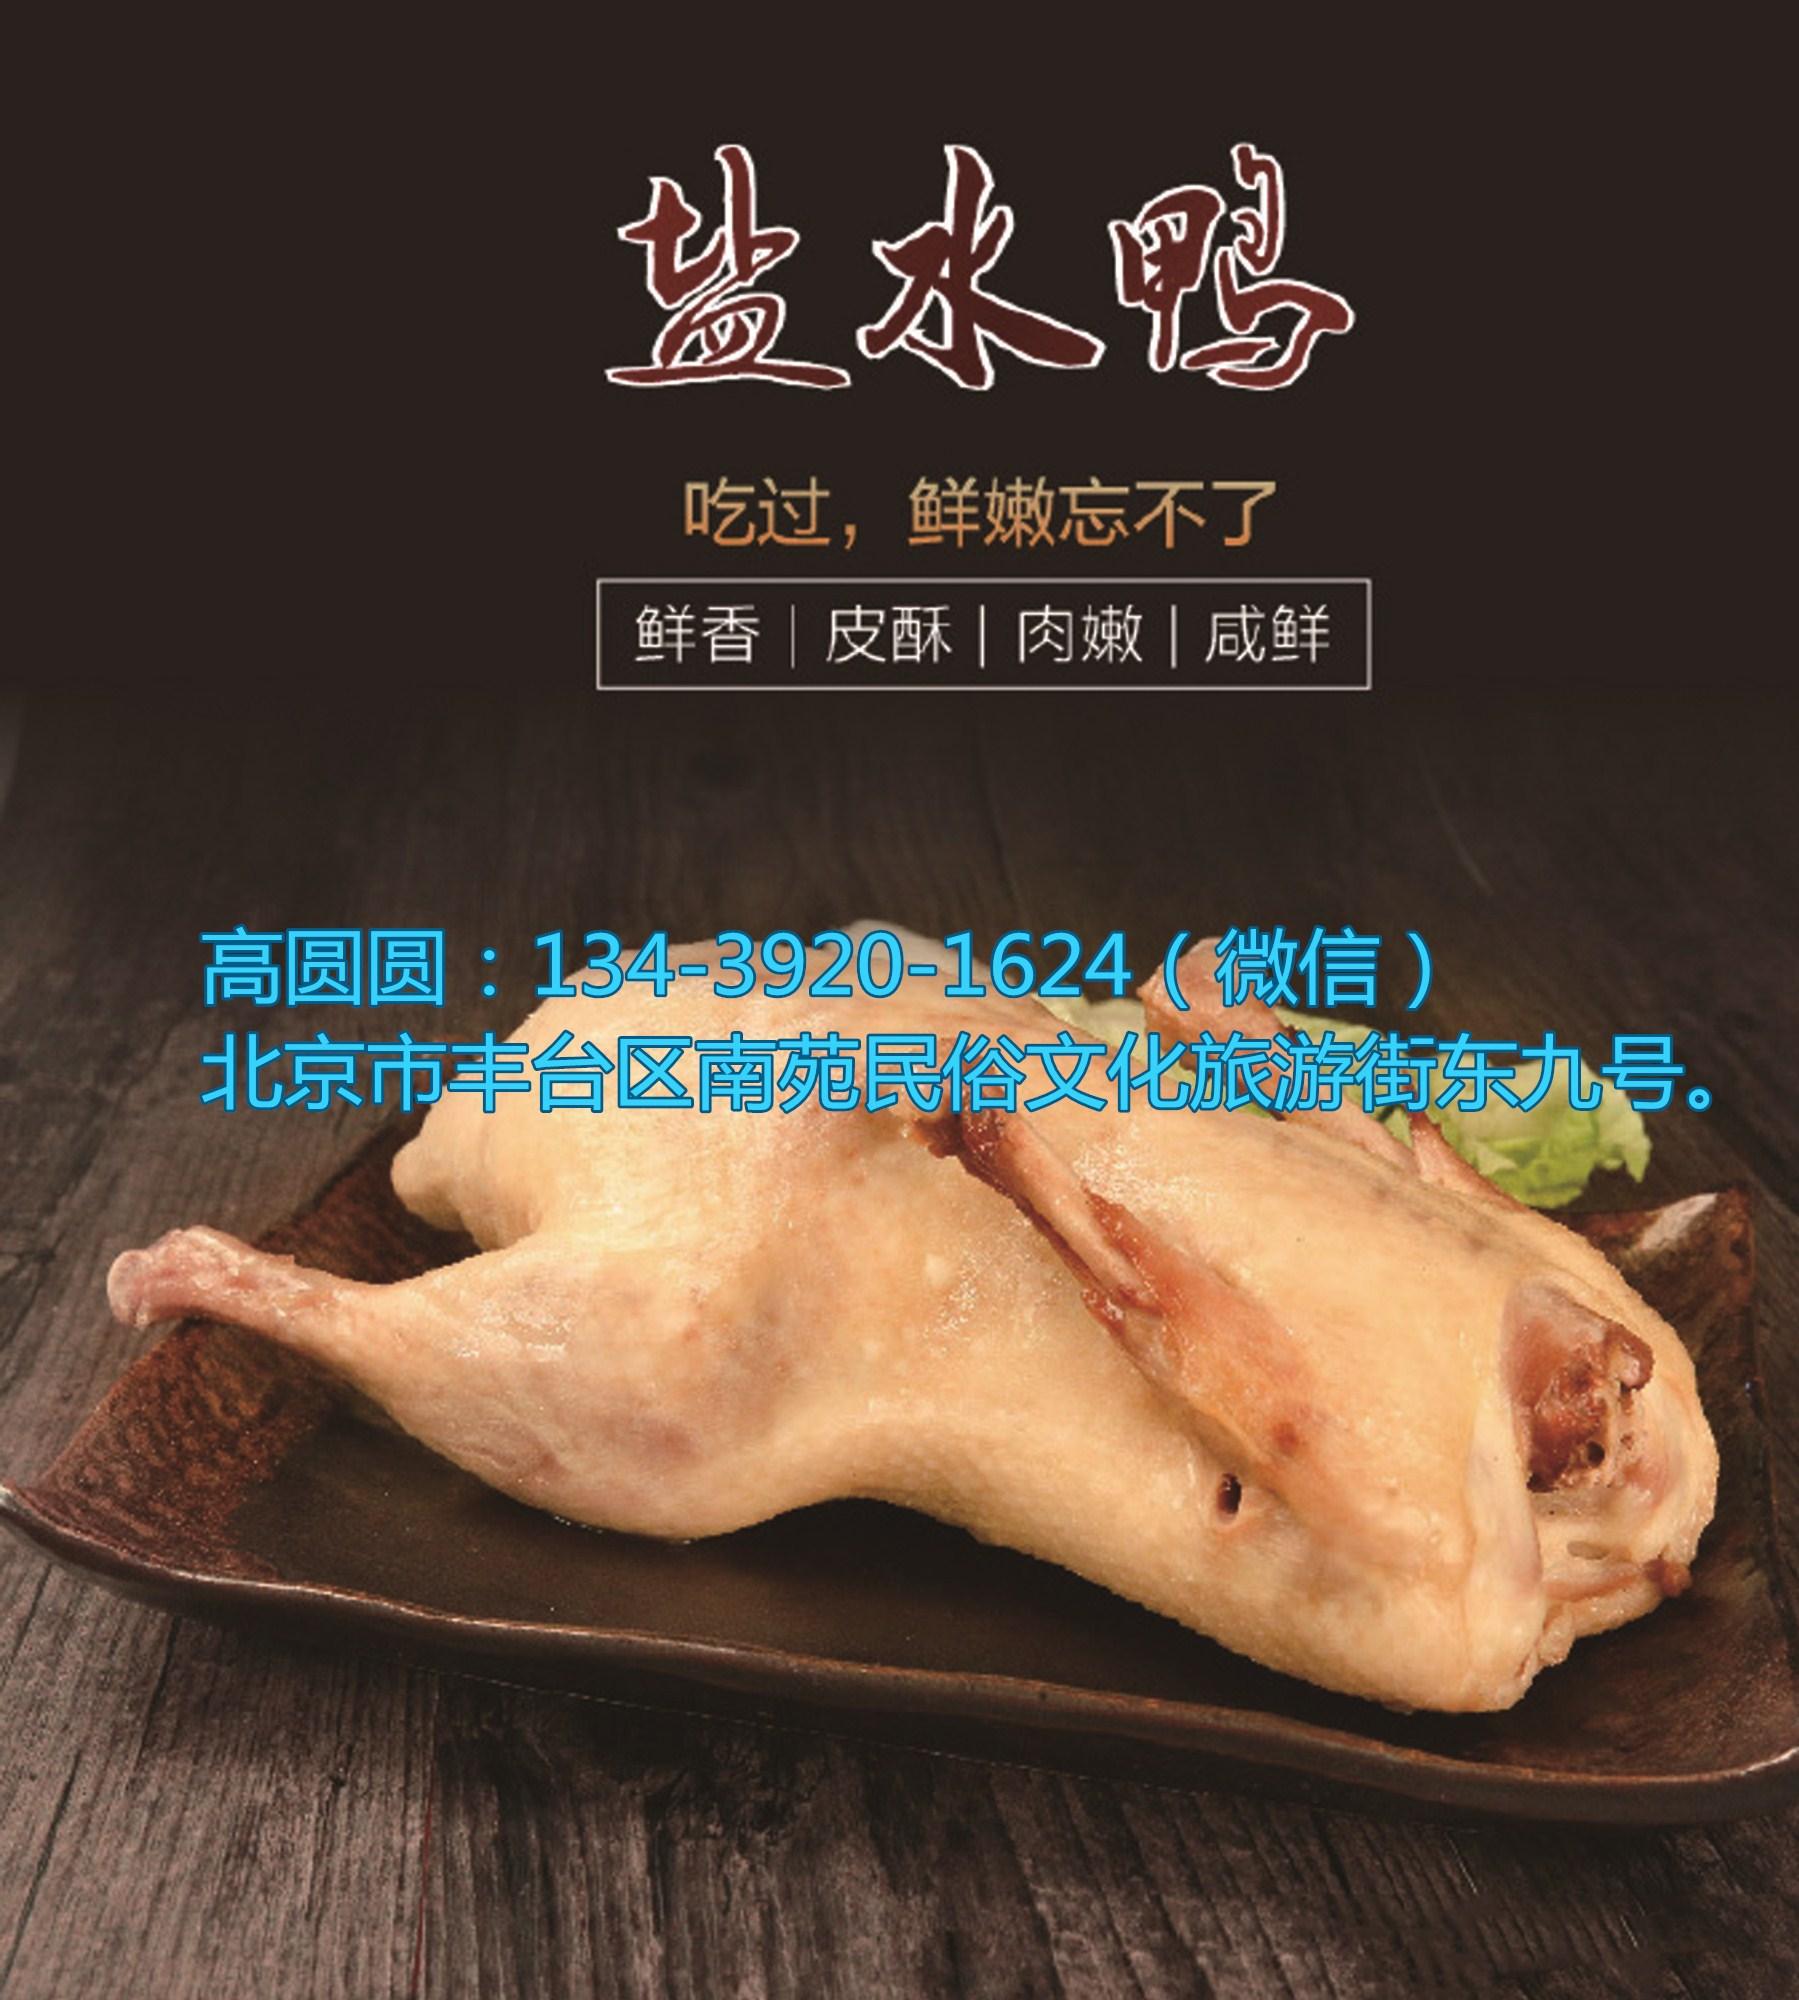 扬州红珠鸡加盟官网